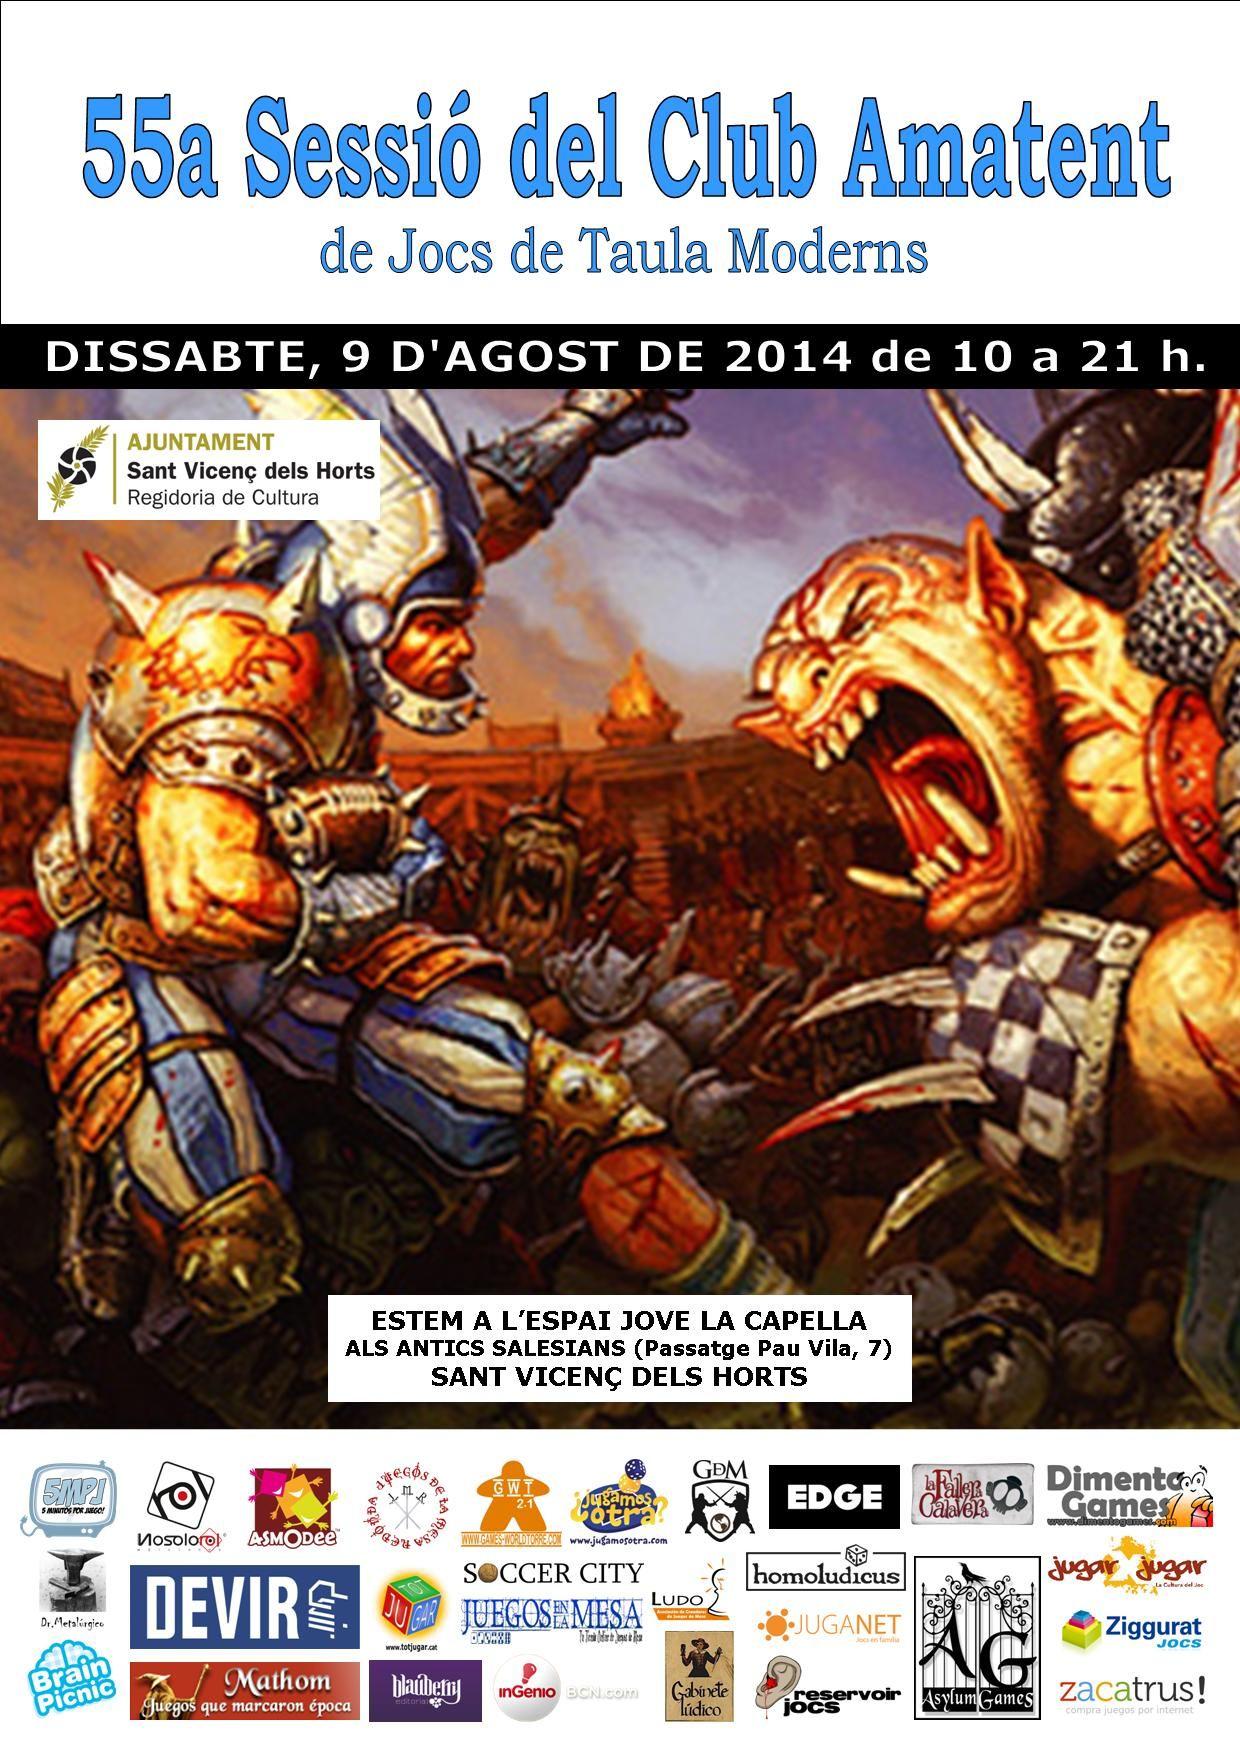 55a Sessió (09-08-2014) http://amatent.blogspot.com.es/2014/08/cronica-55a-sessio-09-08-2014.html